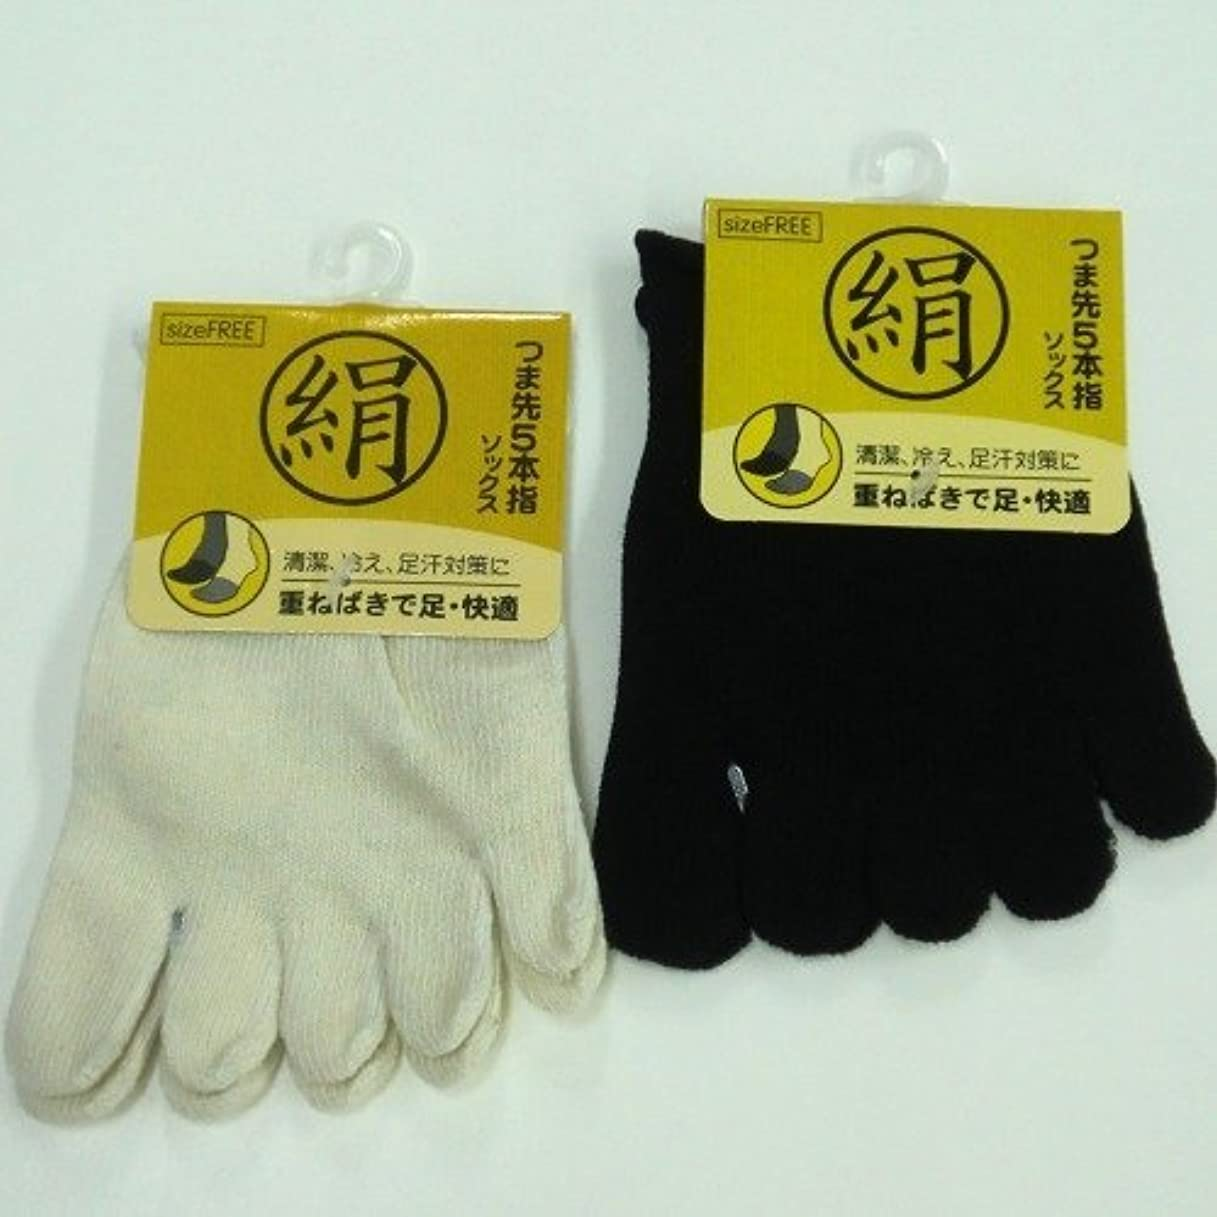 はちみつ宇宙船十代シルク 5本指ハーフソックス 足指カバー 天然素材絹で抗菌防臭 3足組 (色はお任せ)